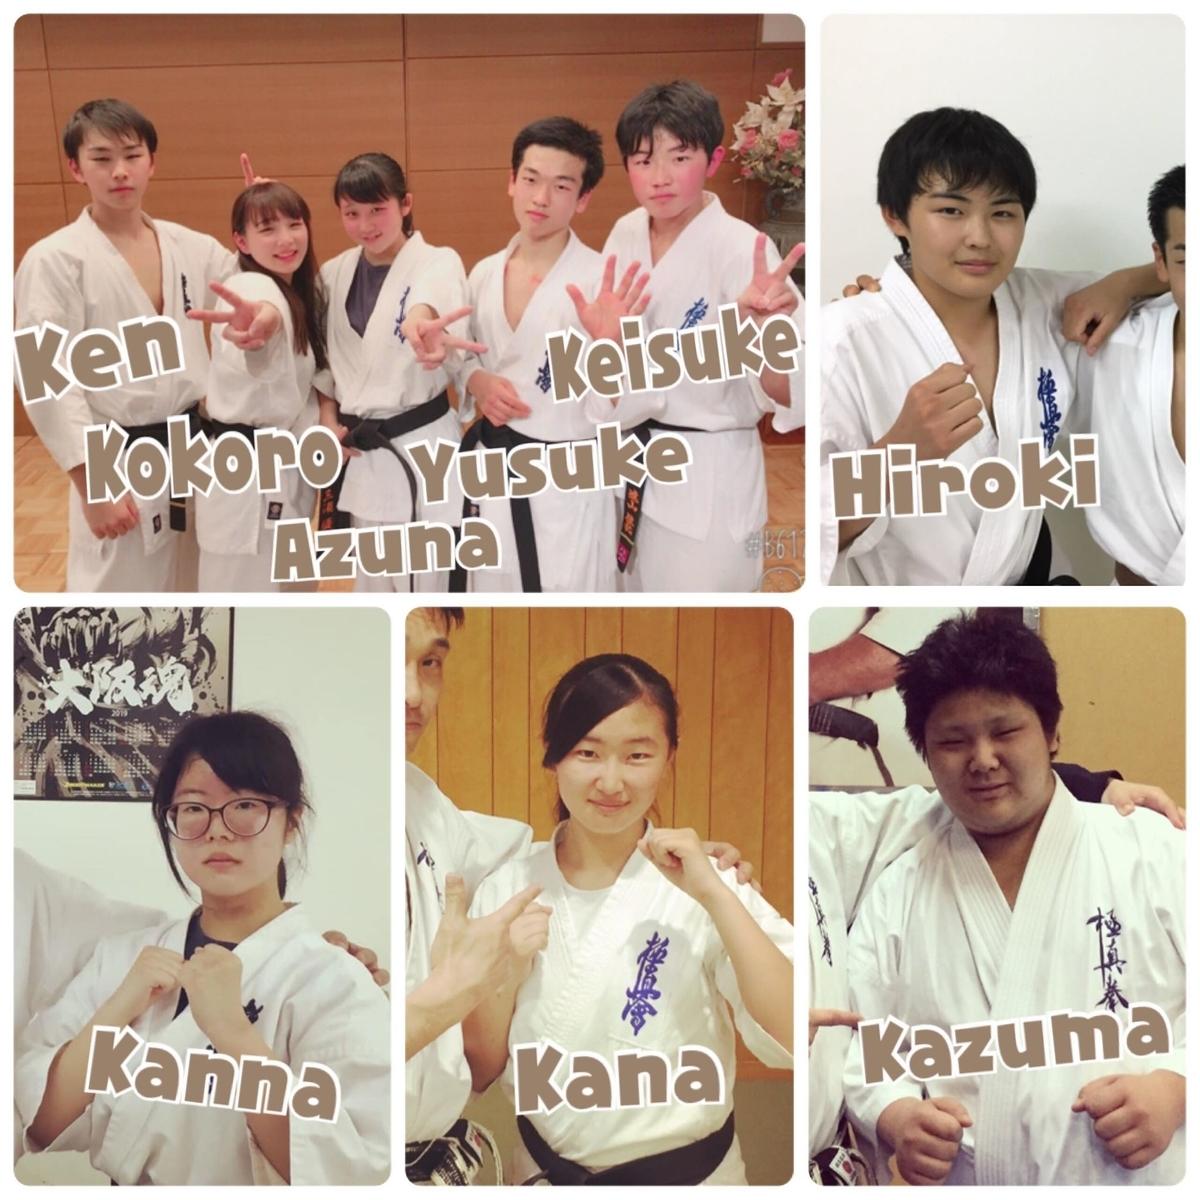 f:id:kyokushin-miura:20200213141553j:plain